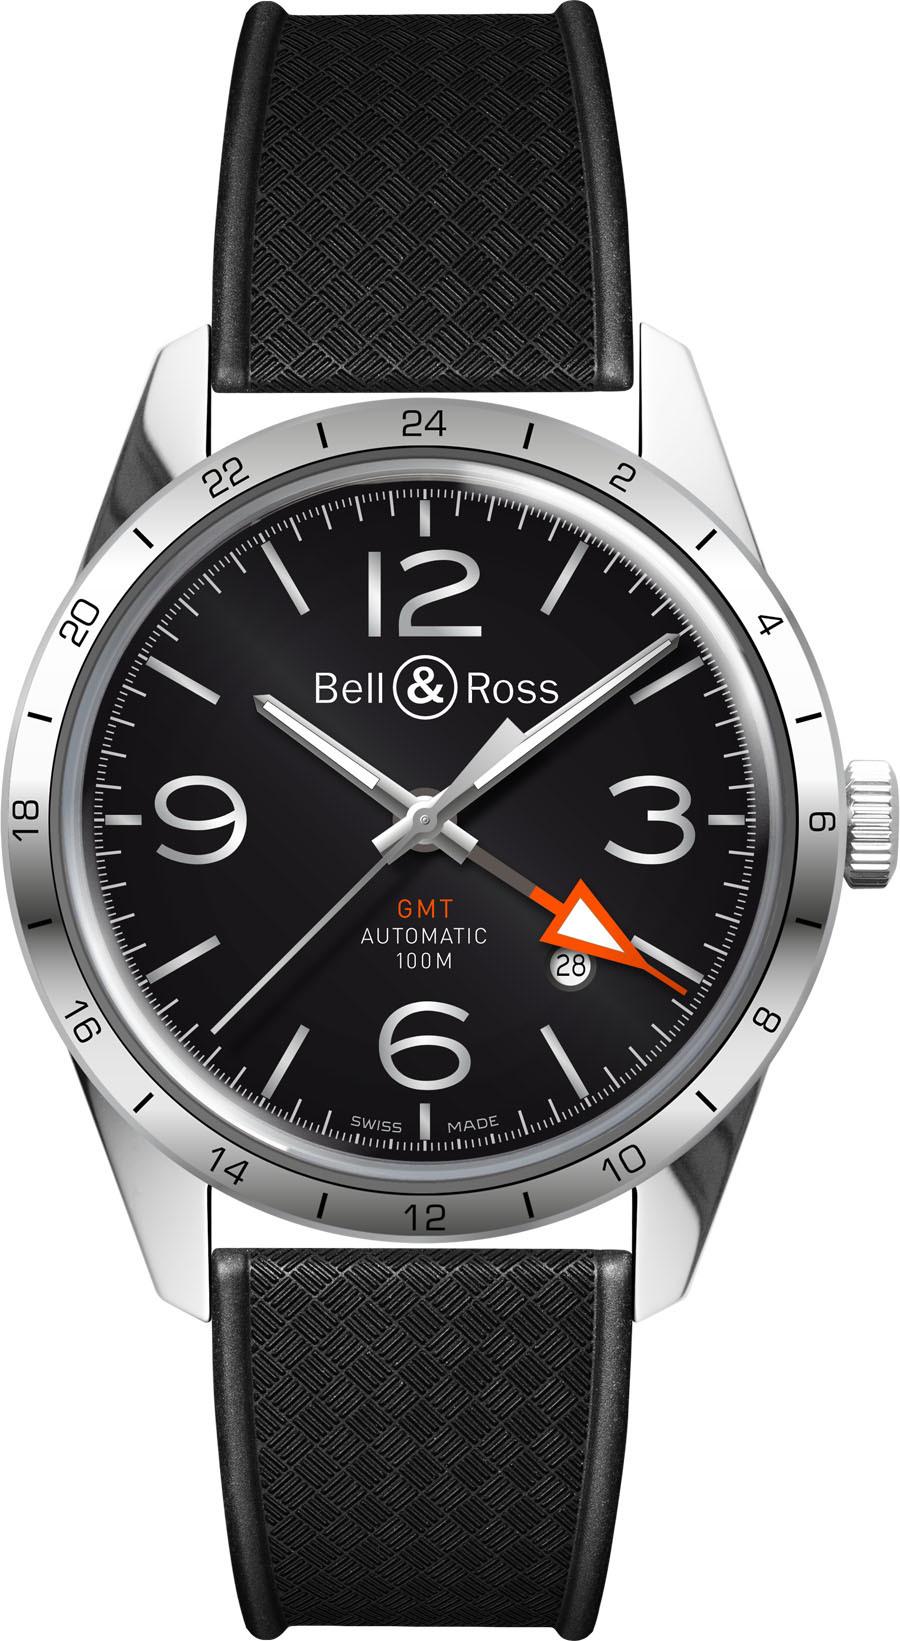 Bell & Ross BR 123 Herreklokke BRV123-BL-GMT-SRB Sort/Gummi Ø41 - Bell & Ross